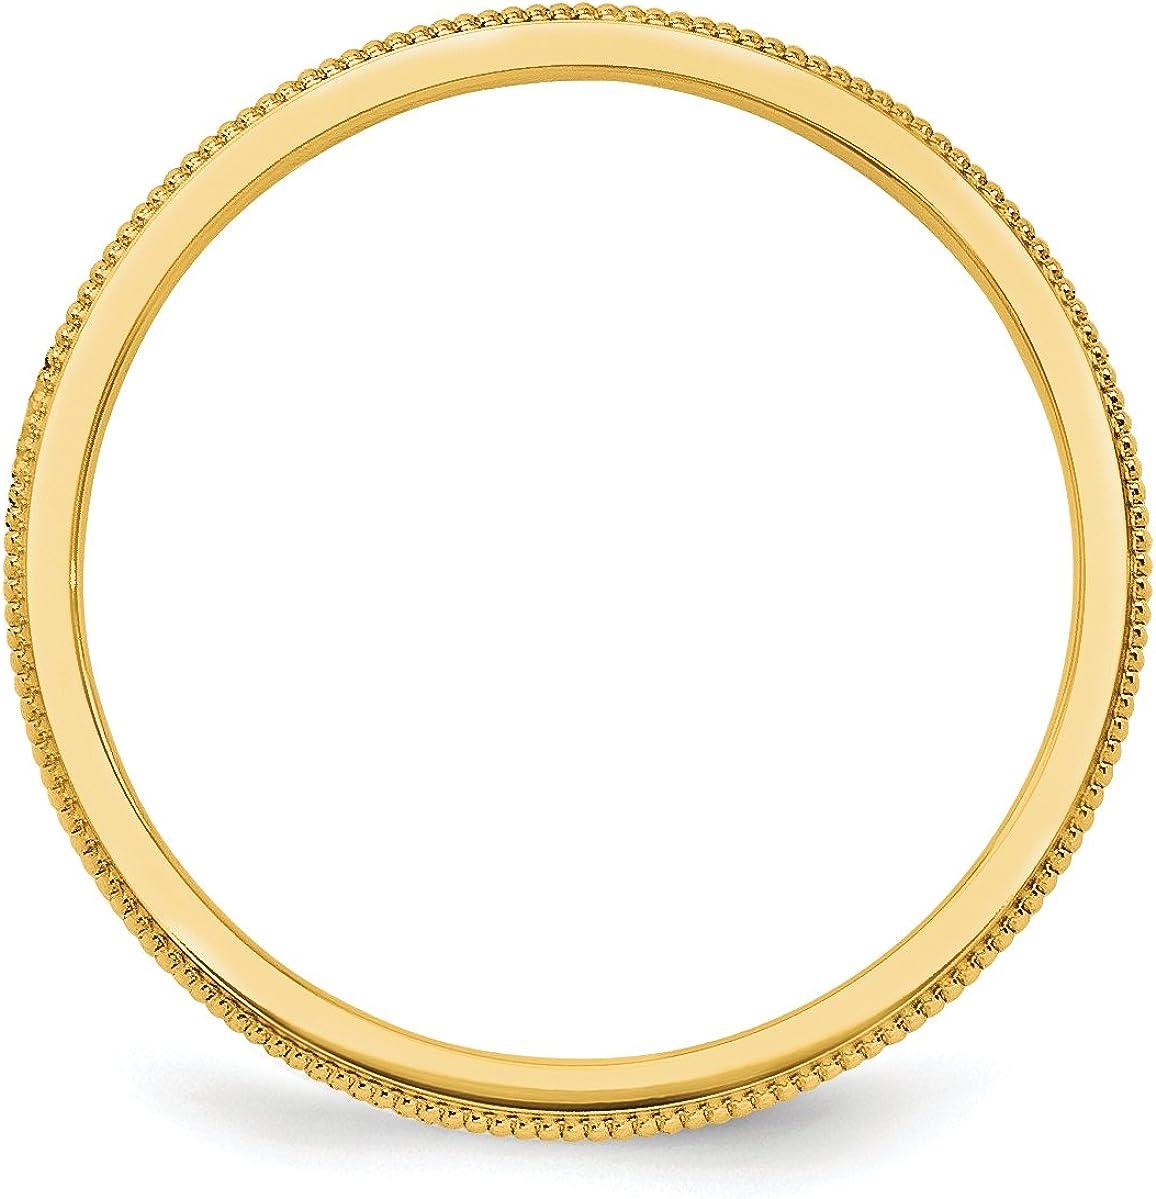 14K Yellow Gold 1.5mm Milgrain Band